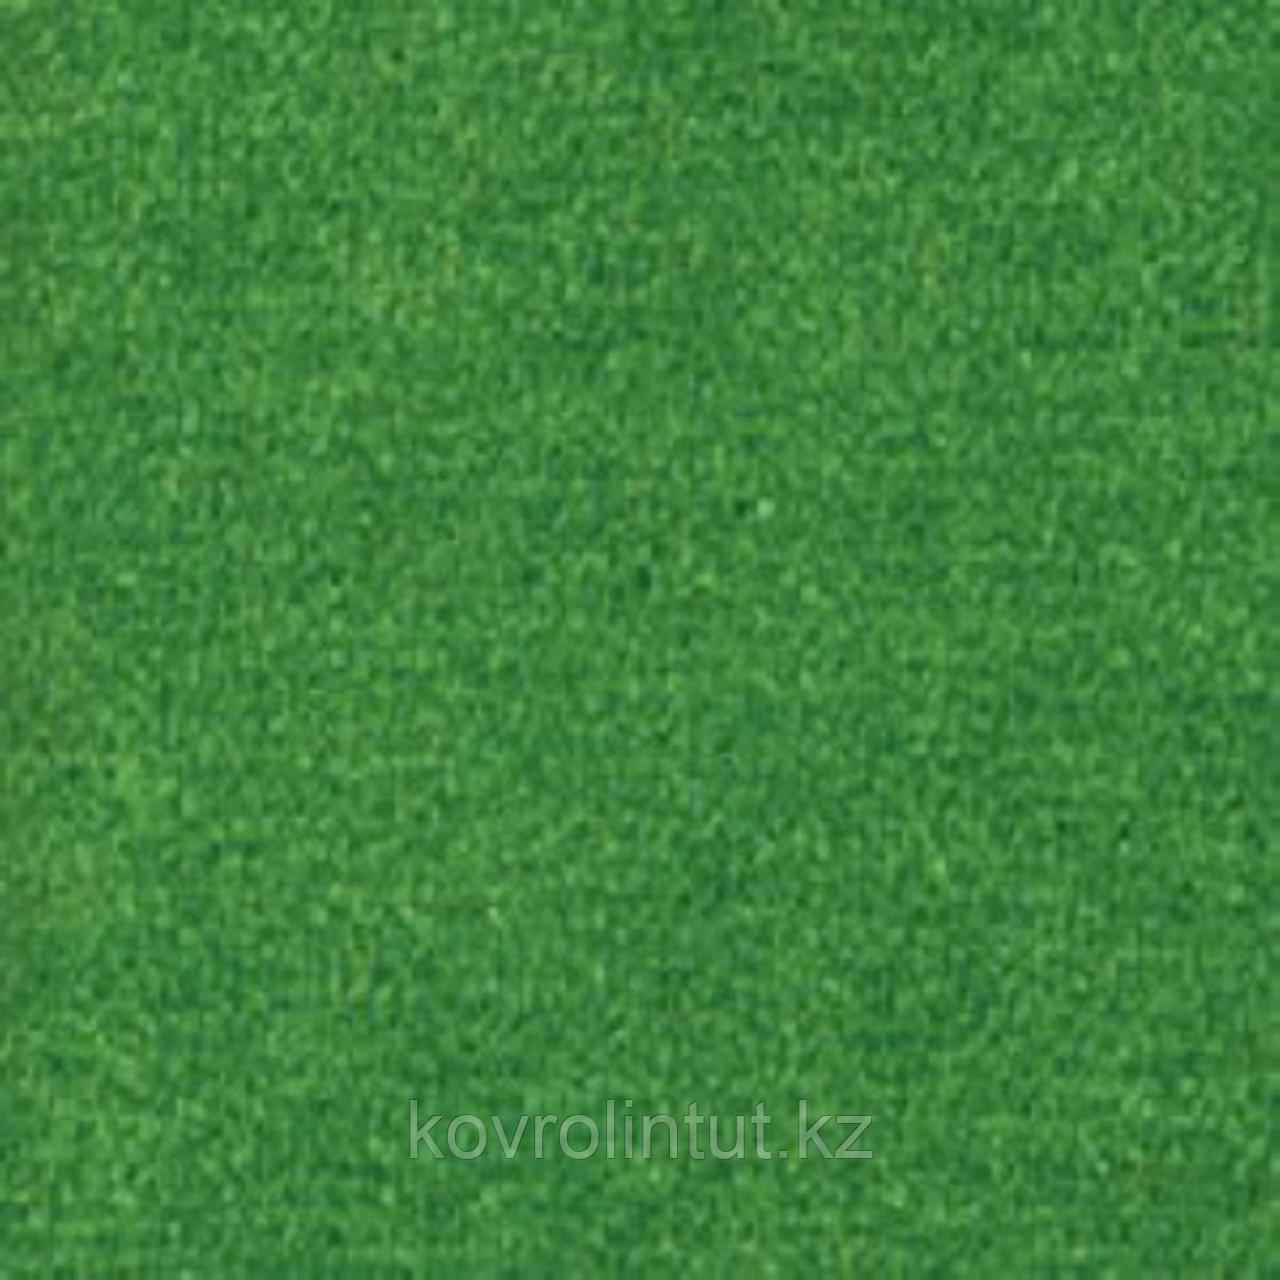 Ковровое покрытие Sintelon FESTA 55735 зеленый 3 м